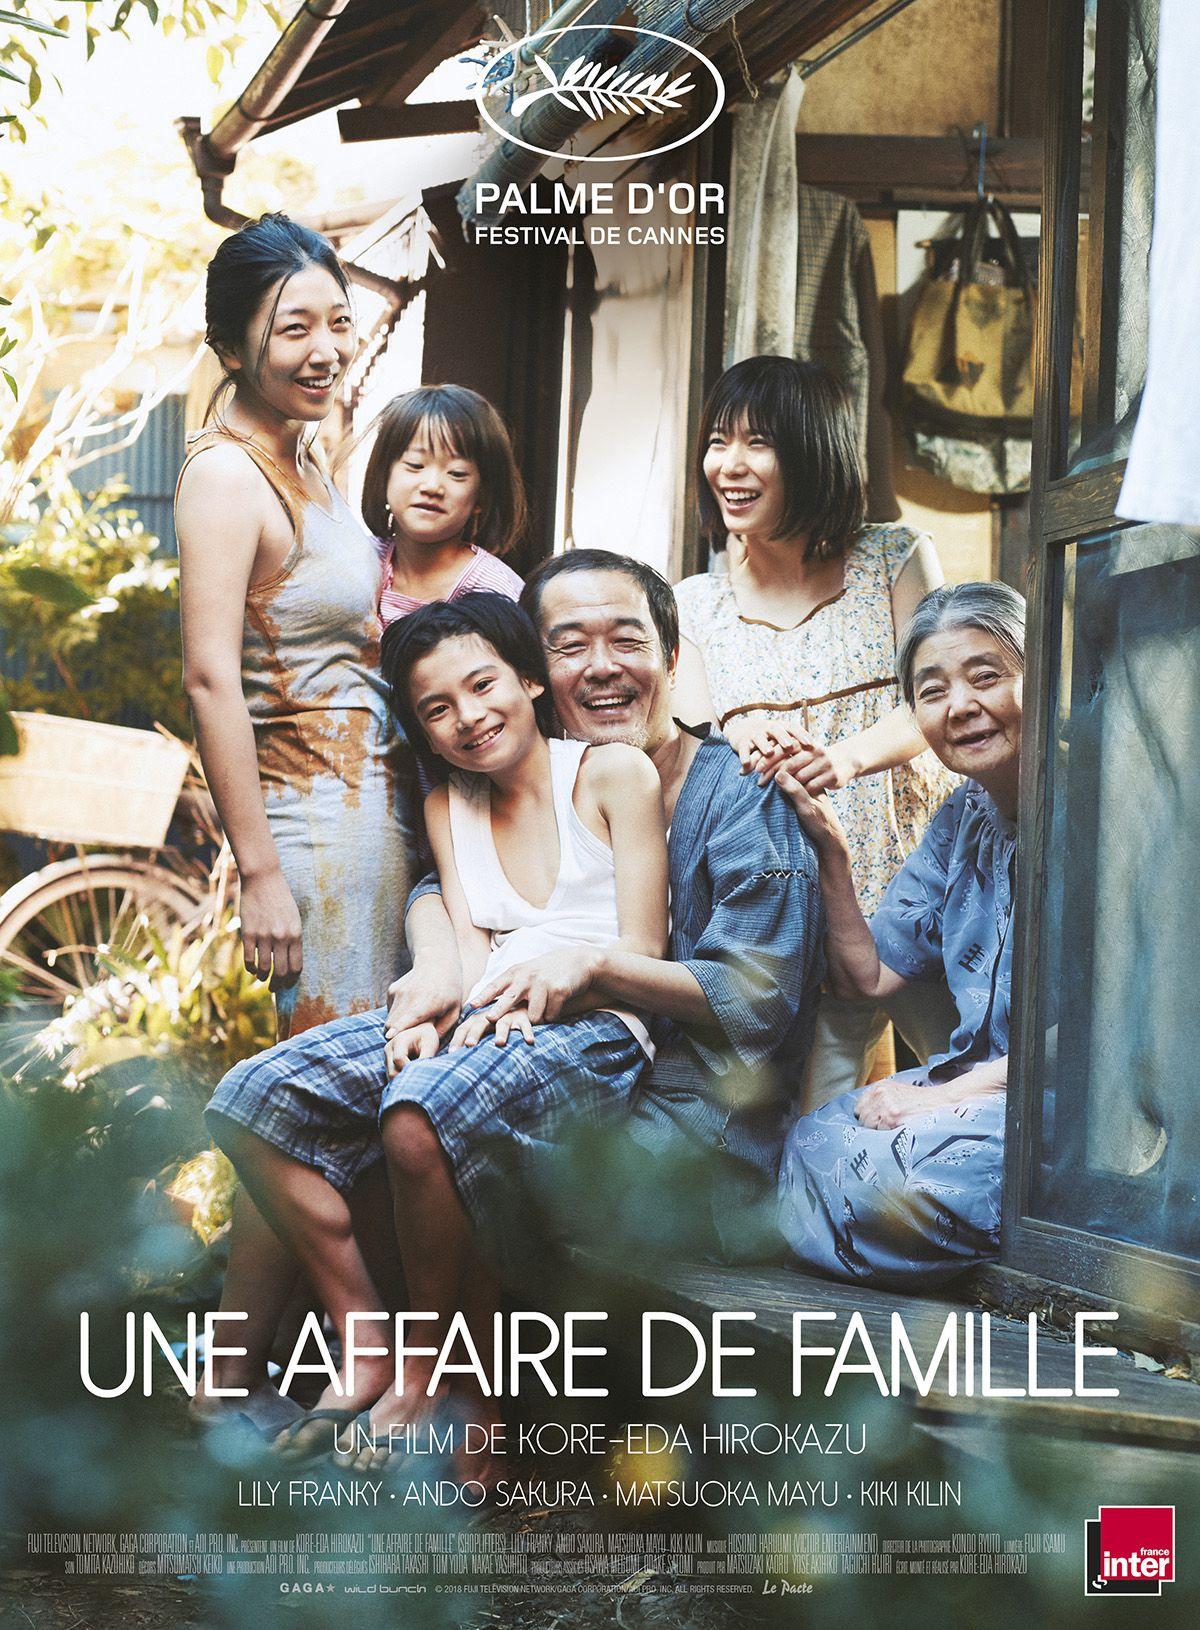 Une affaire de famille - Film (2018)